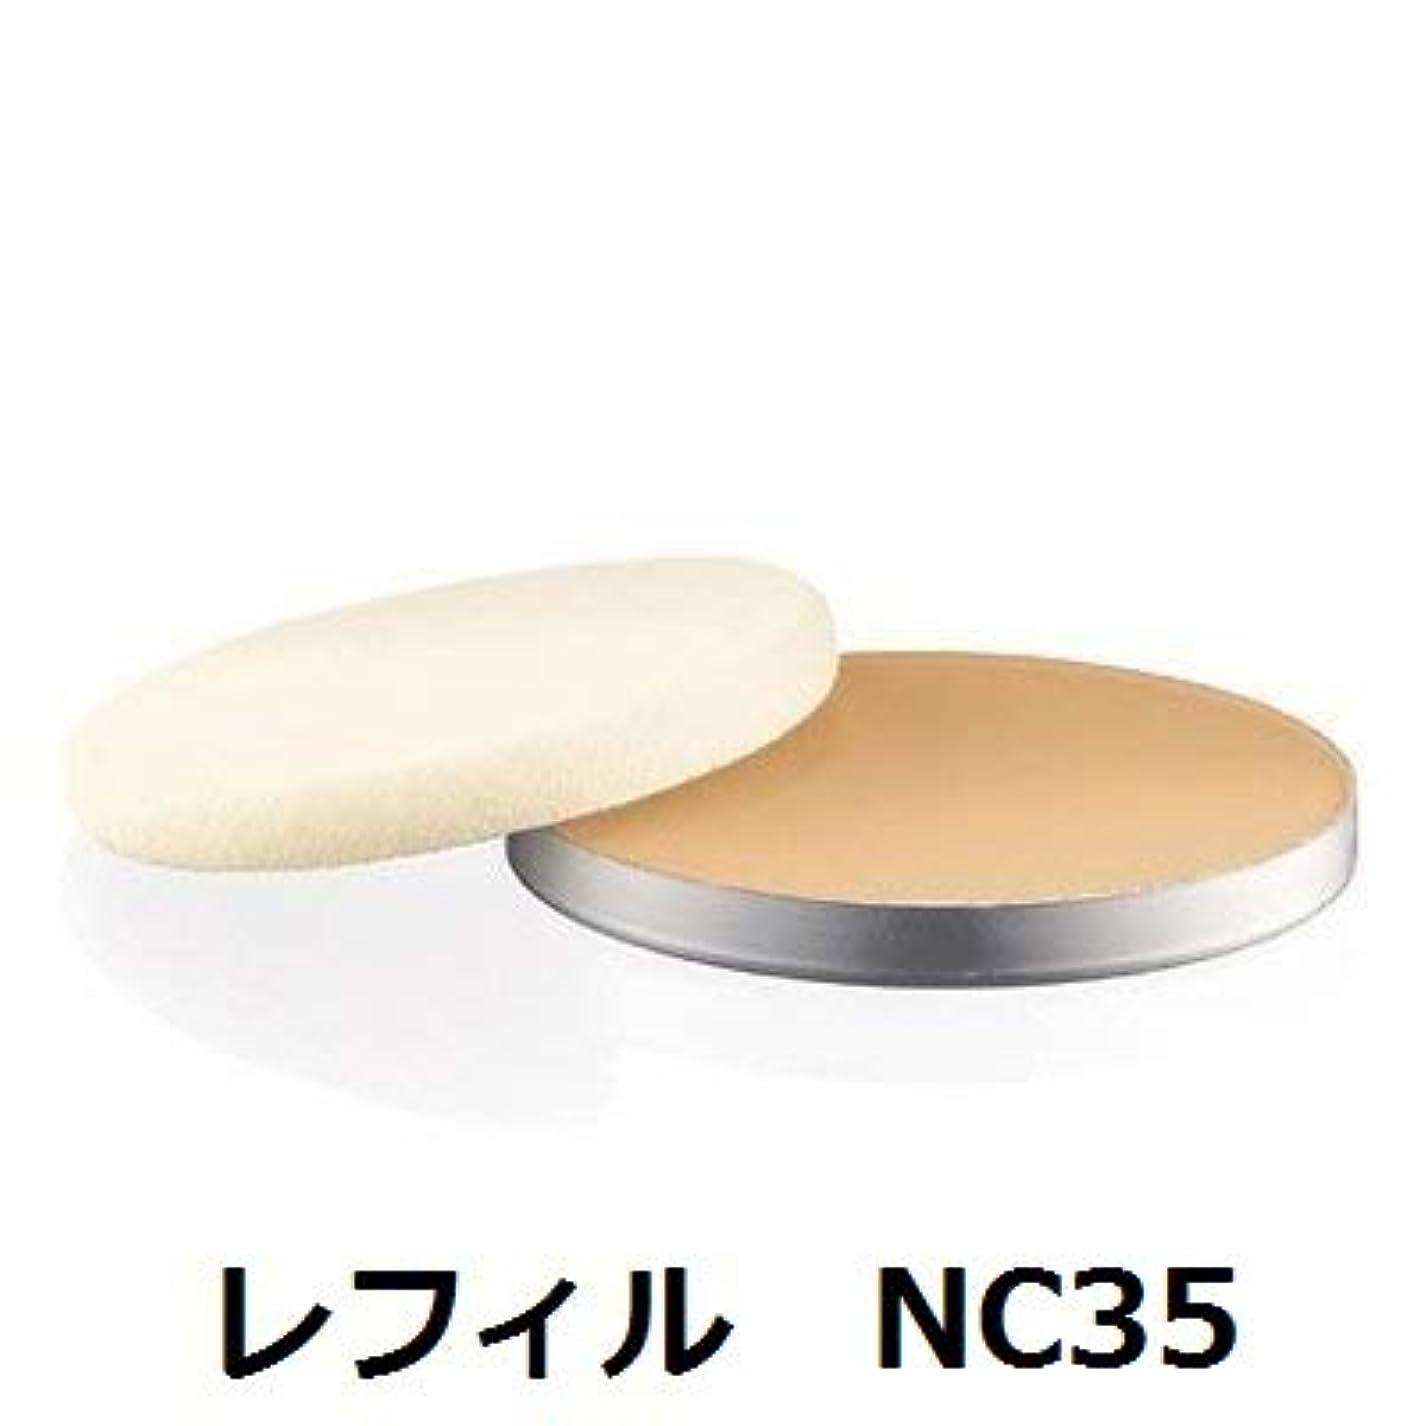 マック(MAC) ライトフルC+SPF 30ファンデーション レフィル #NC35 14g [並行輸入品]